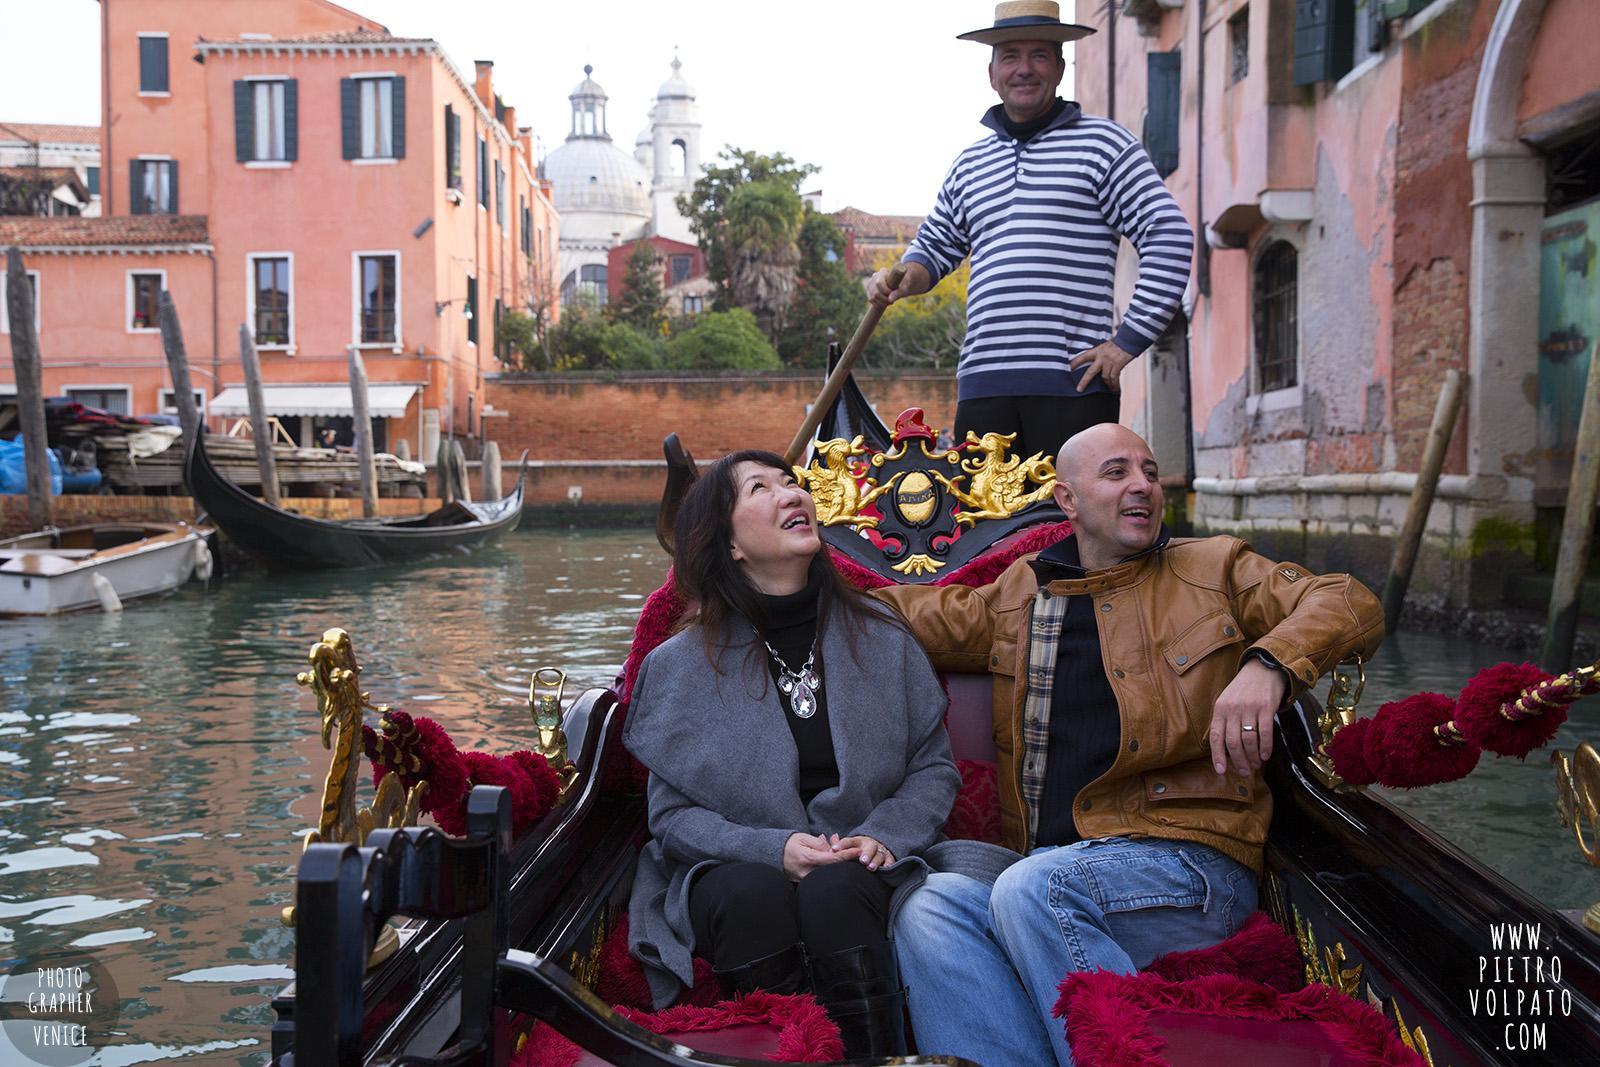 Anniversario Di Matrimonio A Venezia.Fotografo A Venezia Per Servizio Foto Vacanza Di Coppia